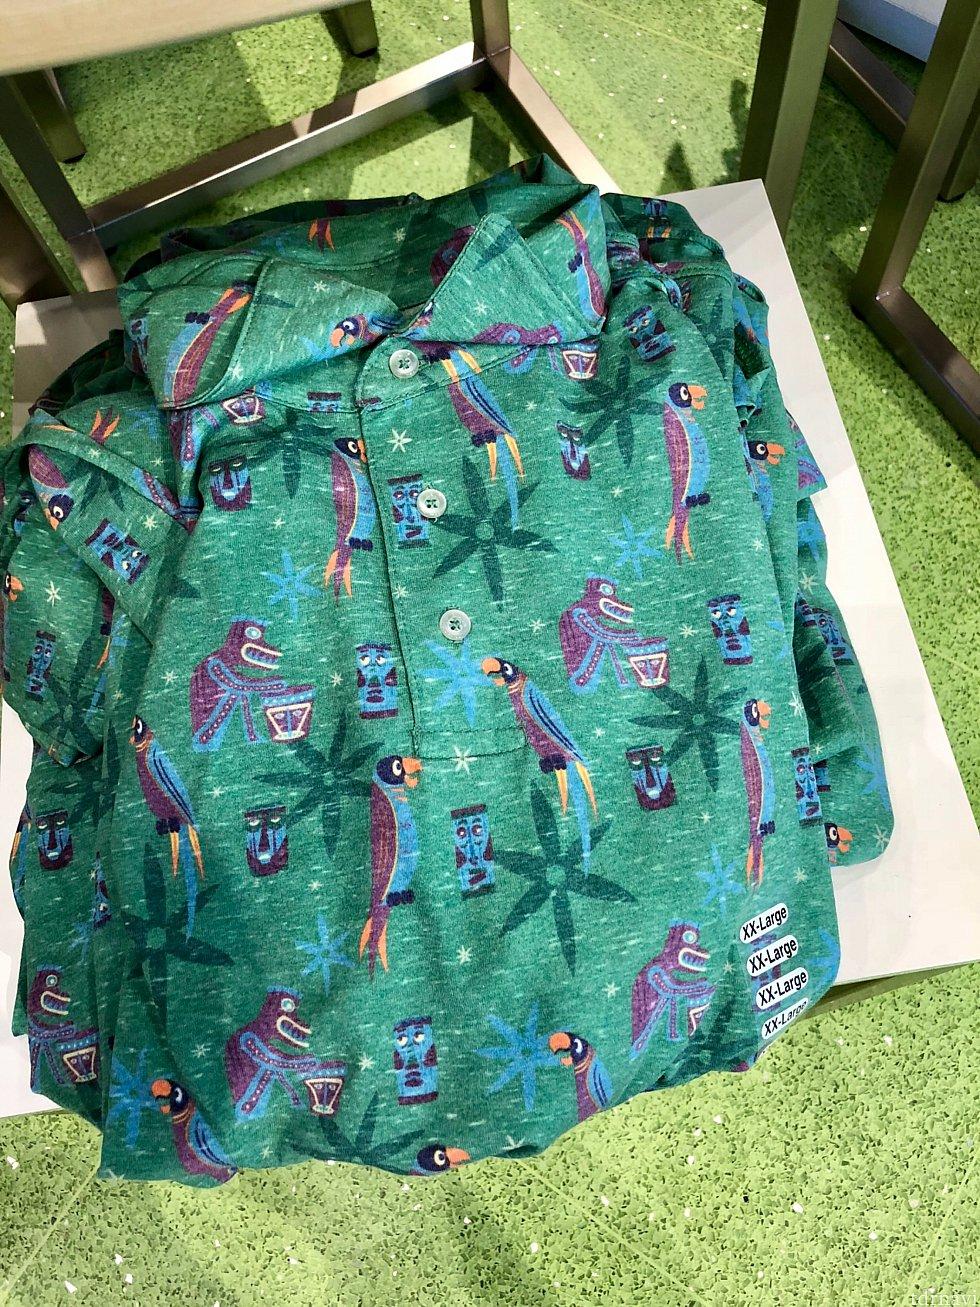 南国風なポロシャツ。もちろんチキルームです。